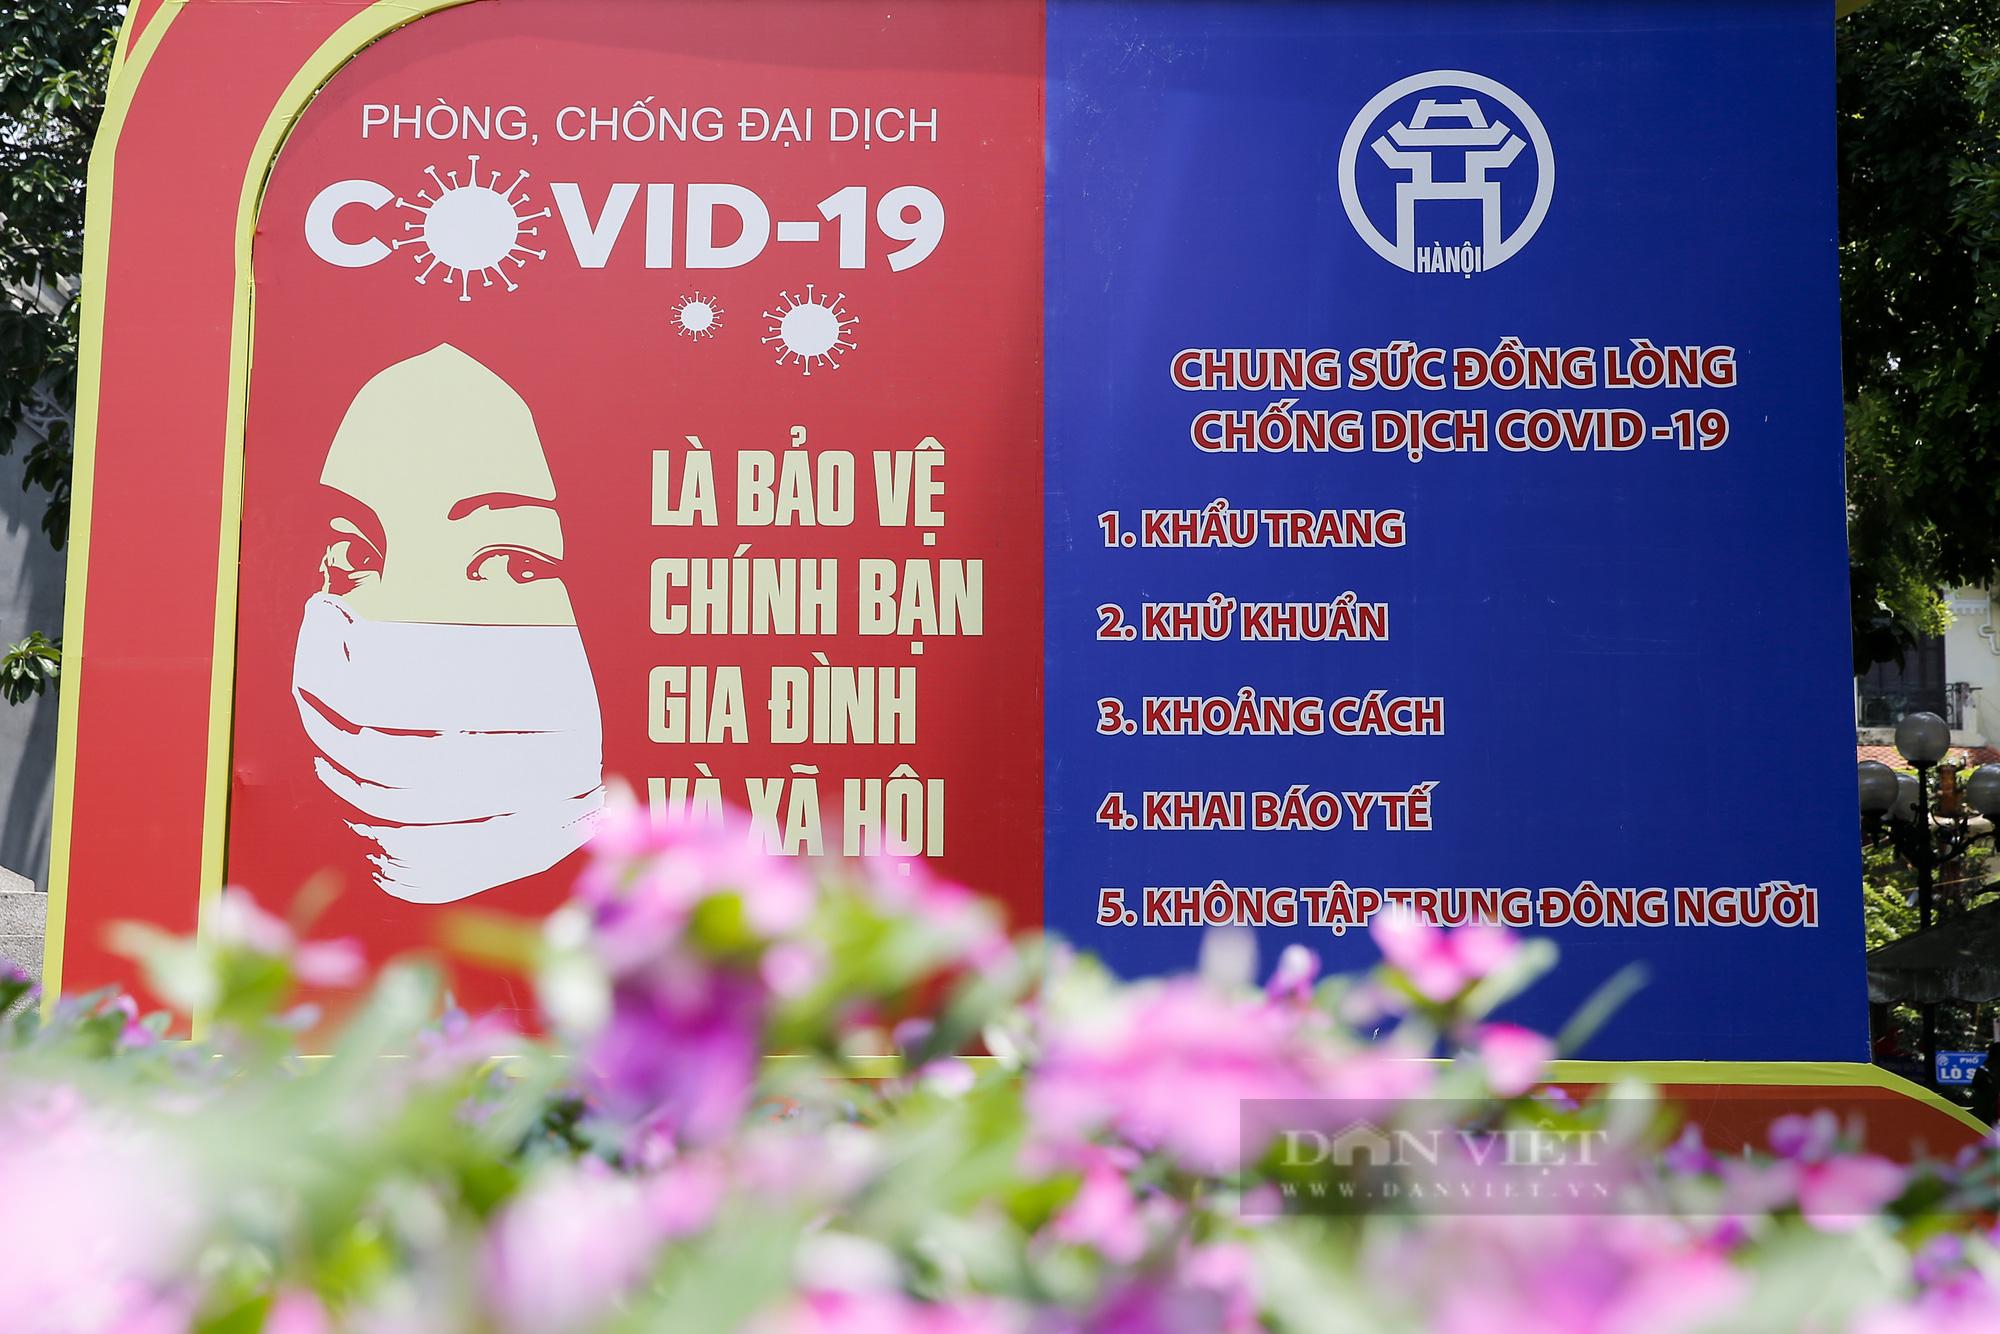 Đường phố Hà Nội xuất hiện những thông điệp tiếp thêm sức mạnh trong công tác phòng, chống Covid-19  - Ảnh 5.